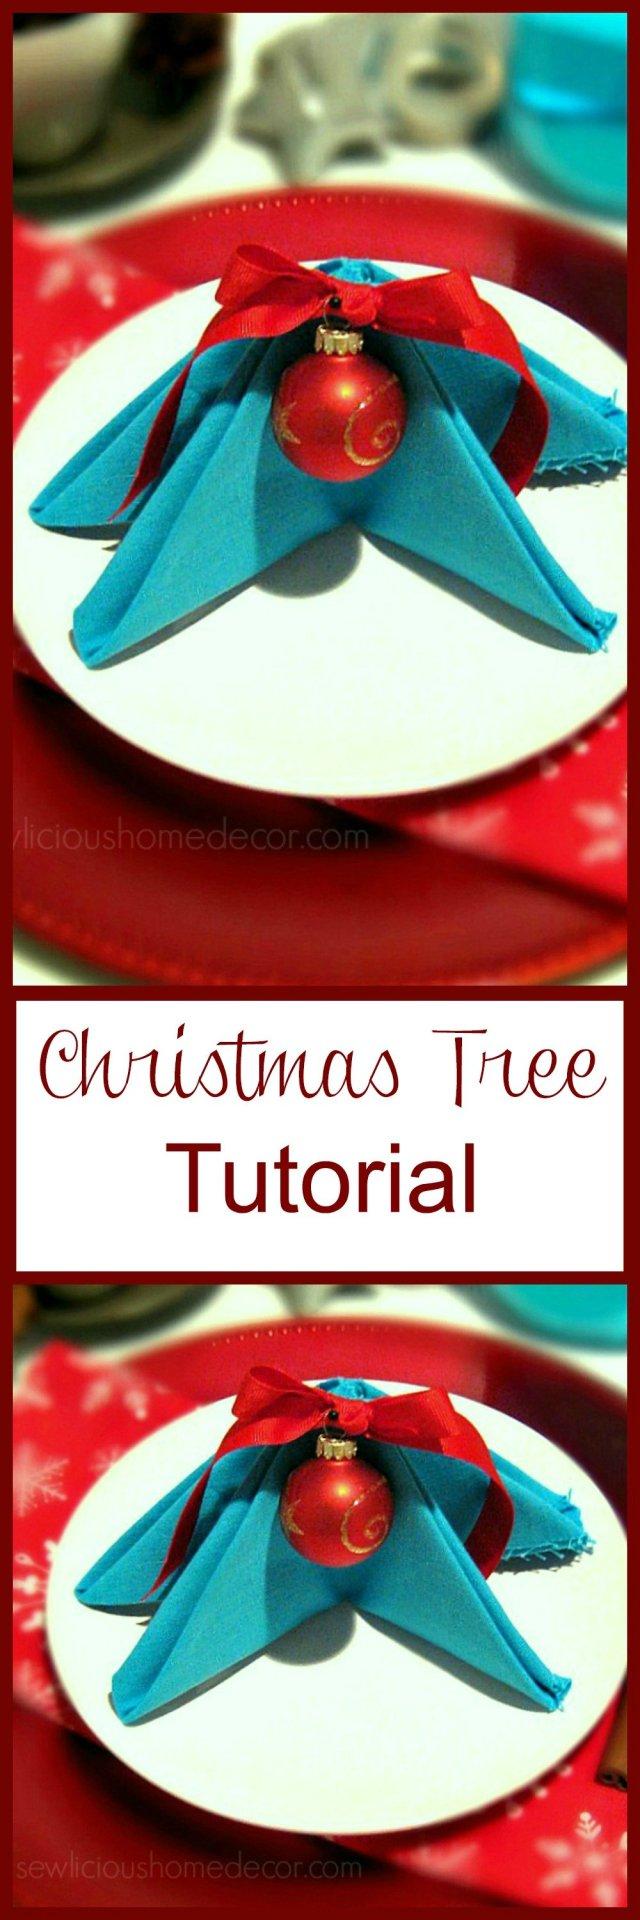 Christmas Tree Napkin Tutorial by sewlicioushomedecor.com